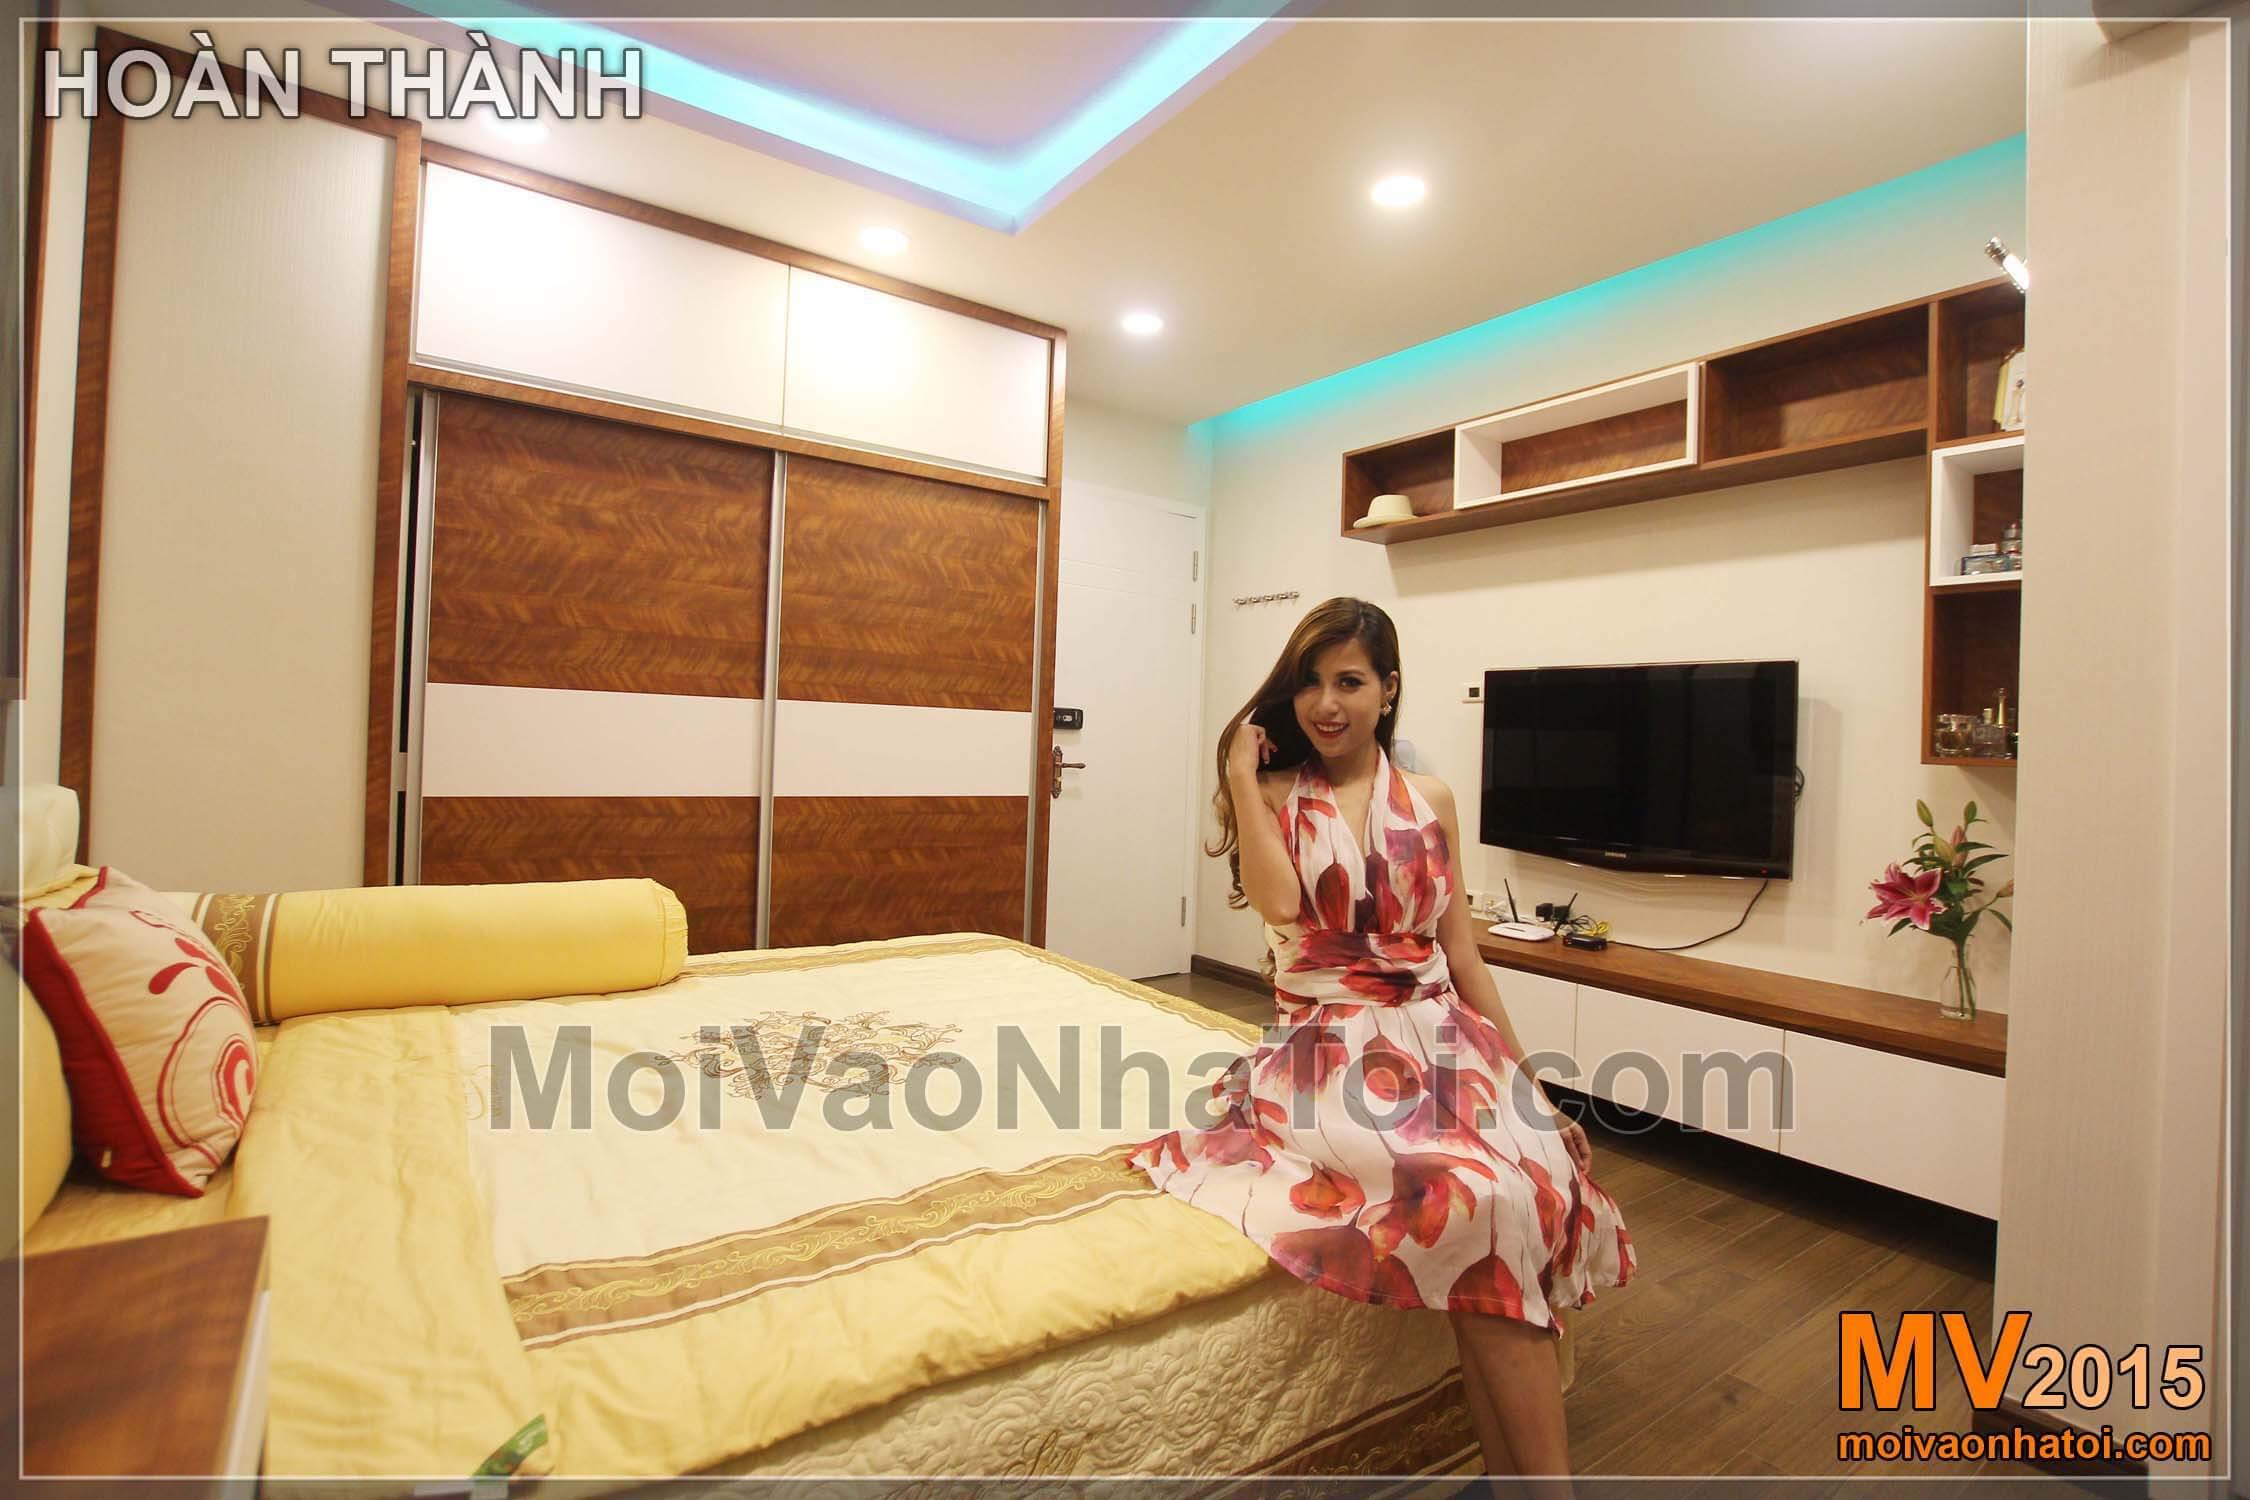 父母卧室完美140平方米金宫公寓